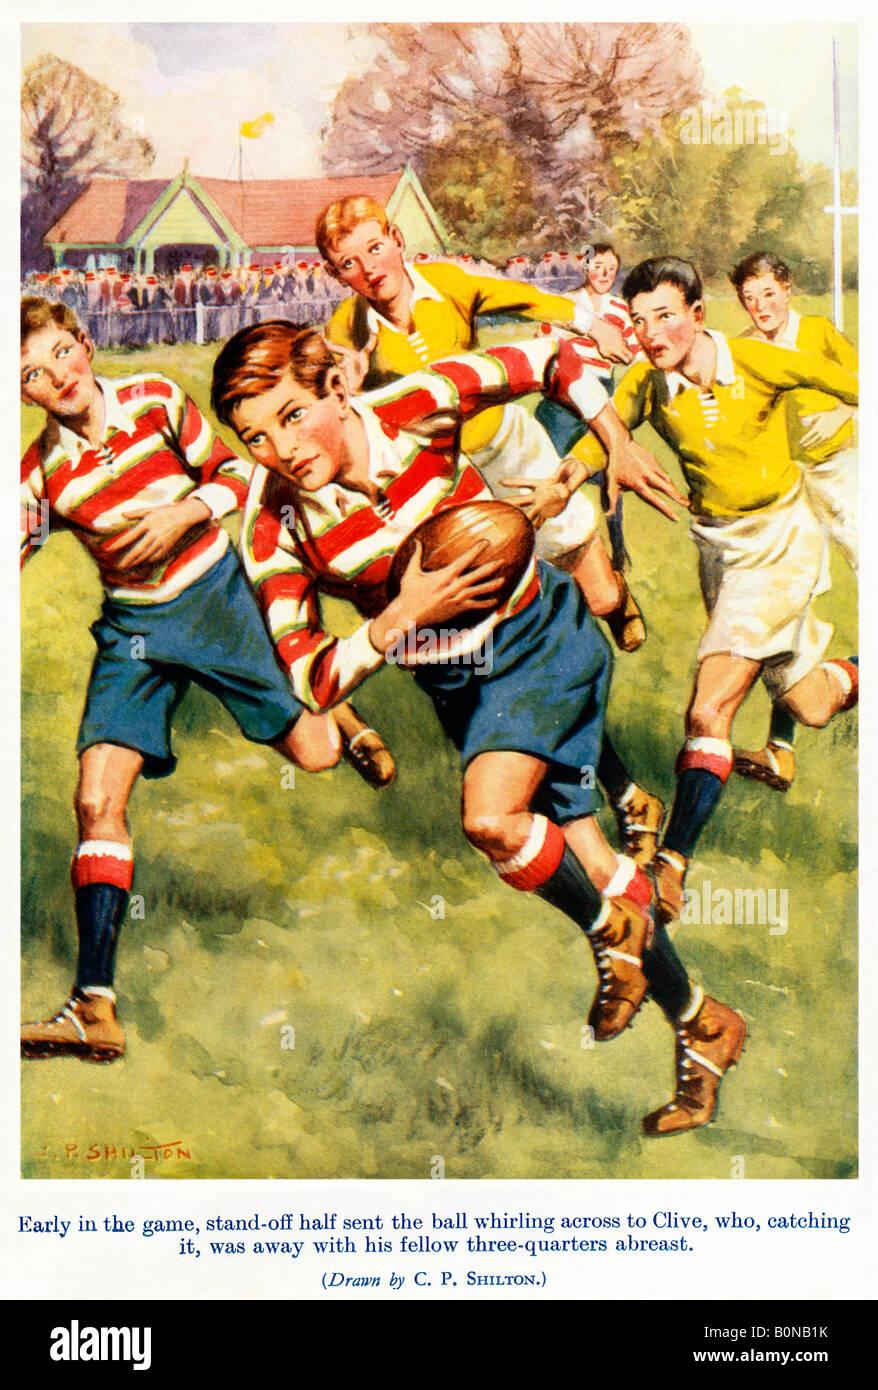 Temprano en el juego ilustración de un cómic 1920 chicos de un descanso por las tres cuartas partes de Imagen De Stock